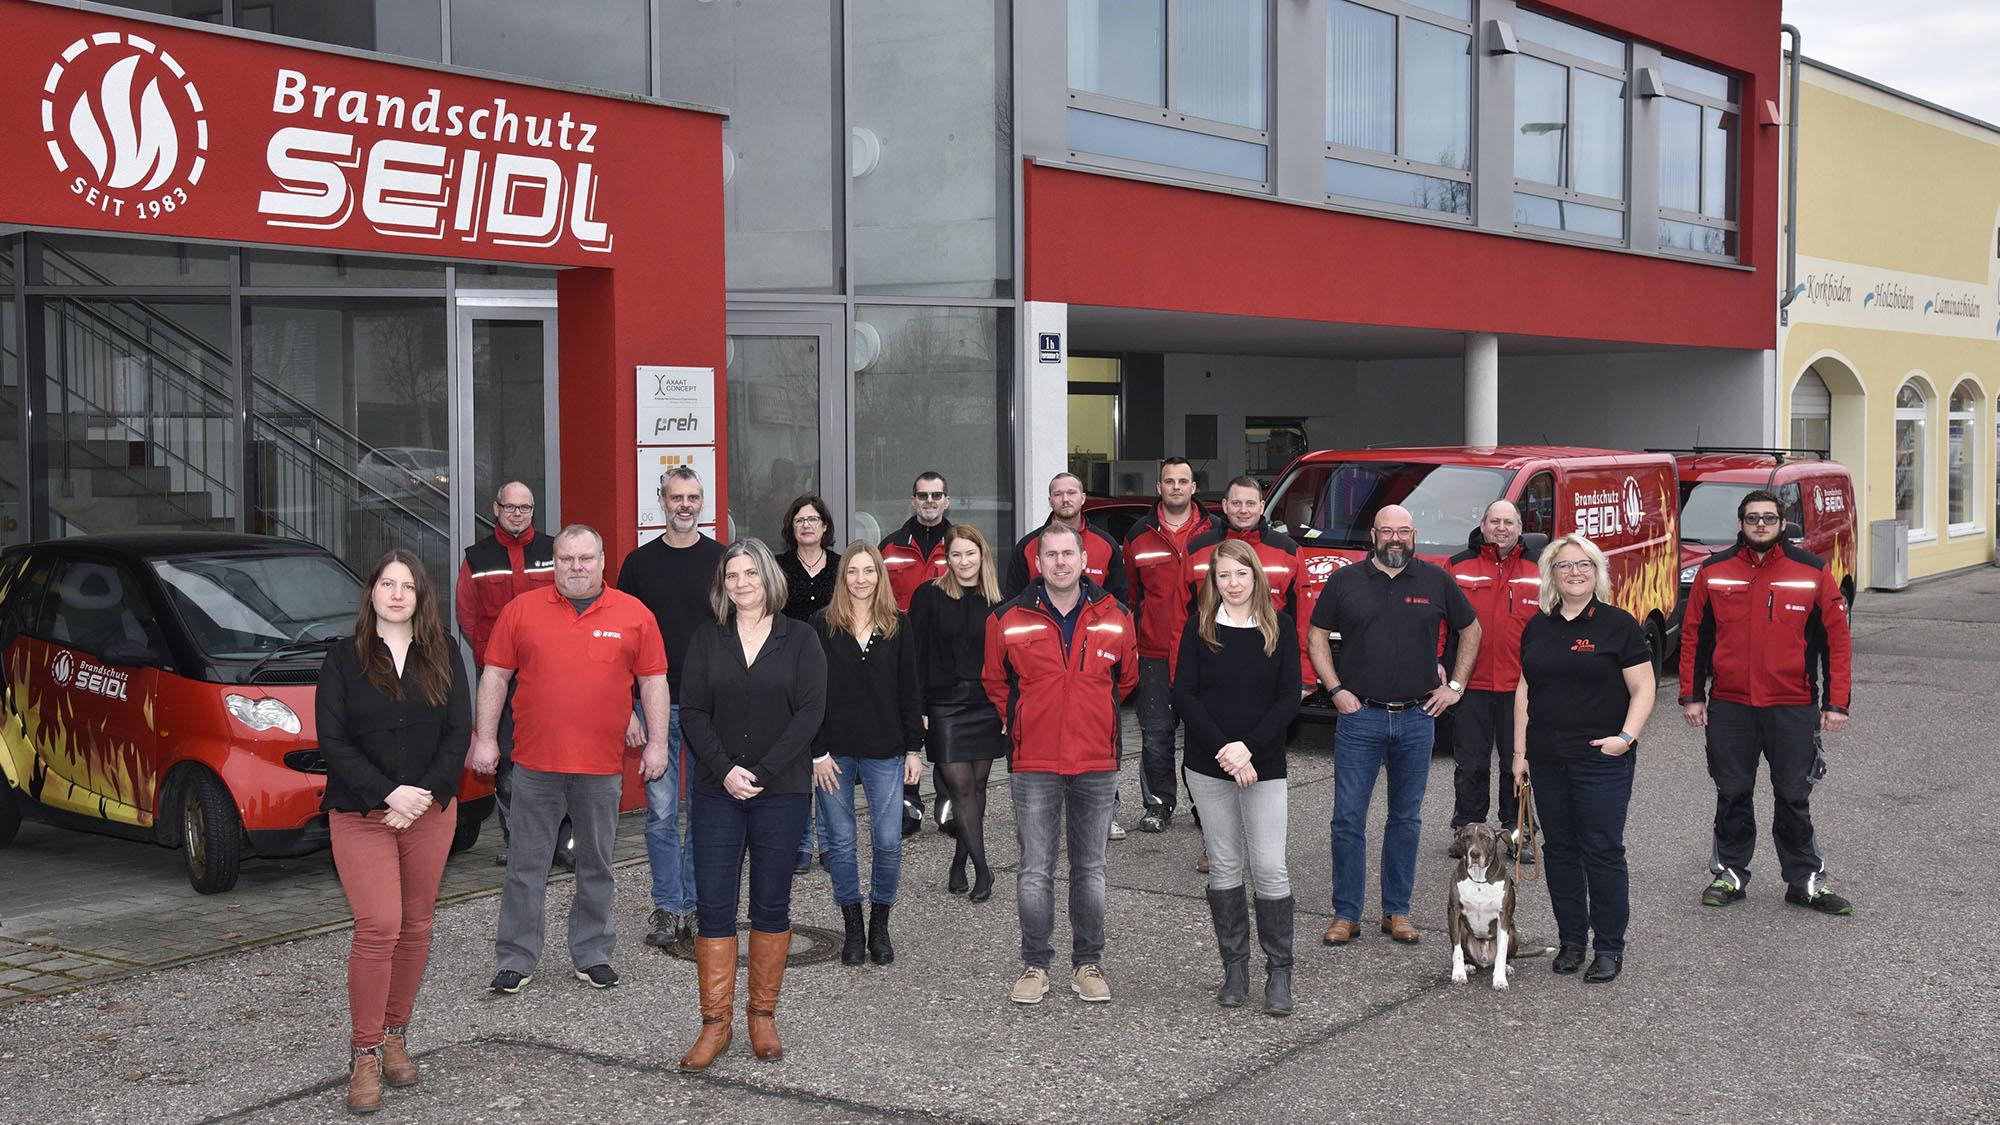 Team CWS Fire Safety Ingolstadt Brandschutz